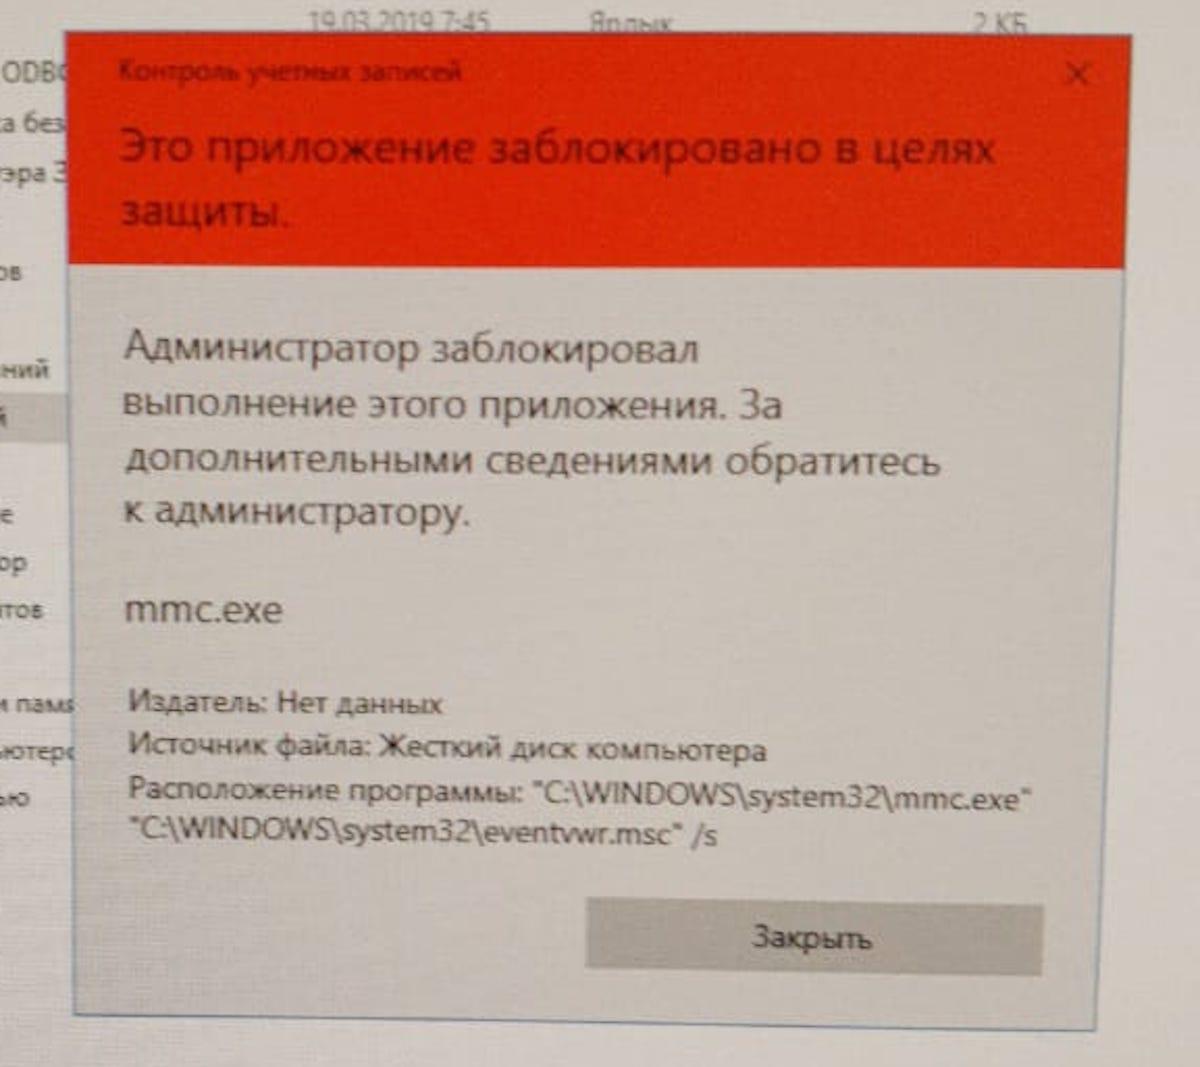 Это приложение заблокировано в целях защиты